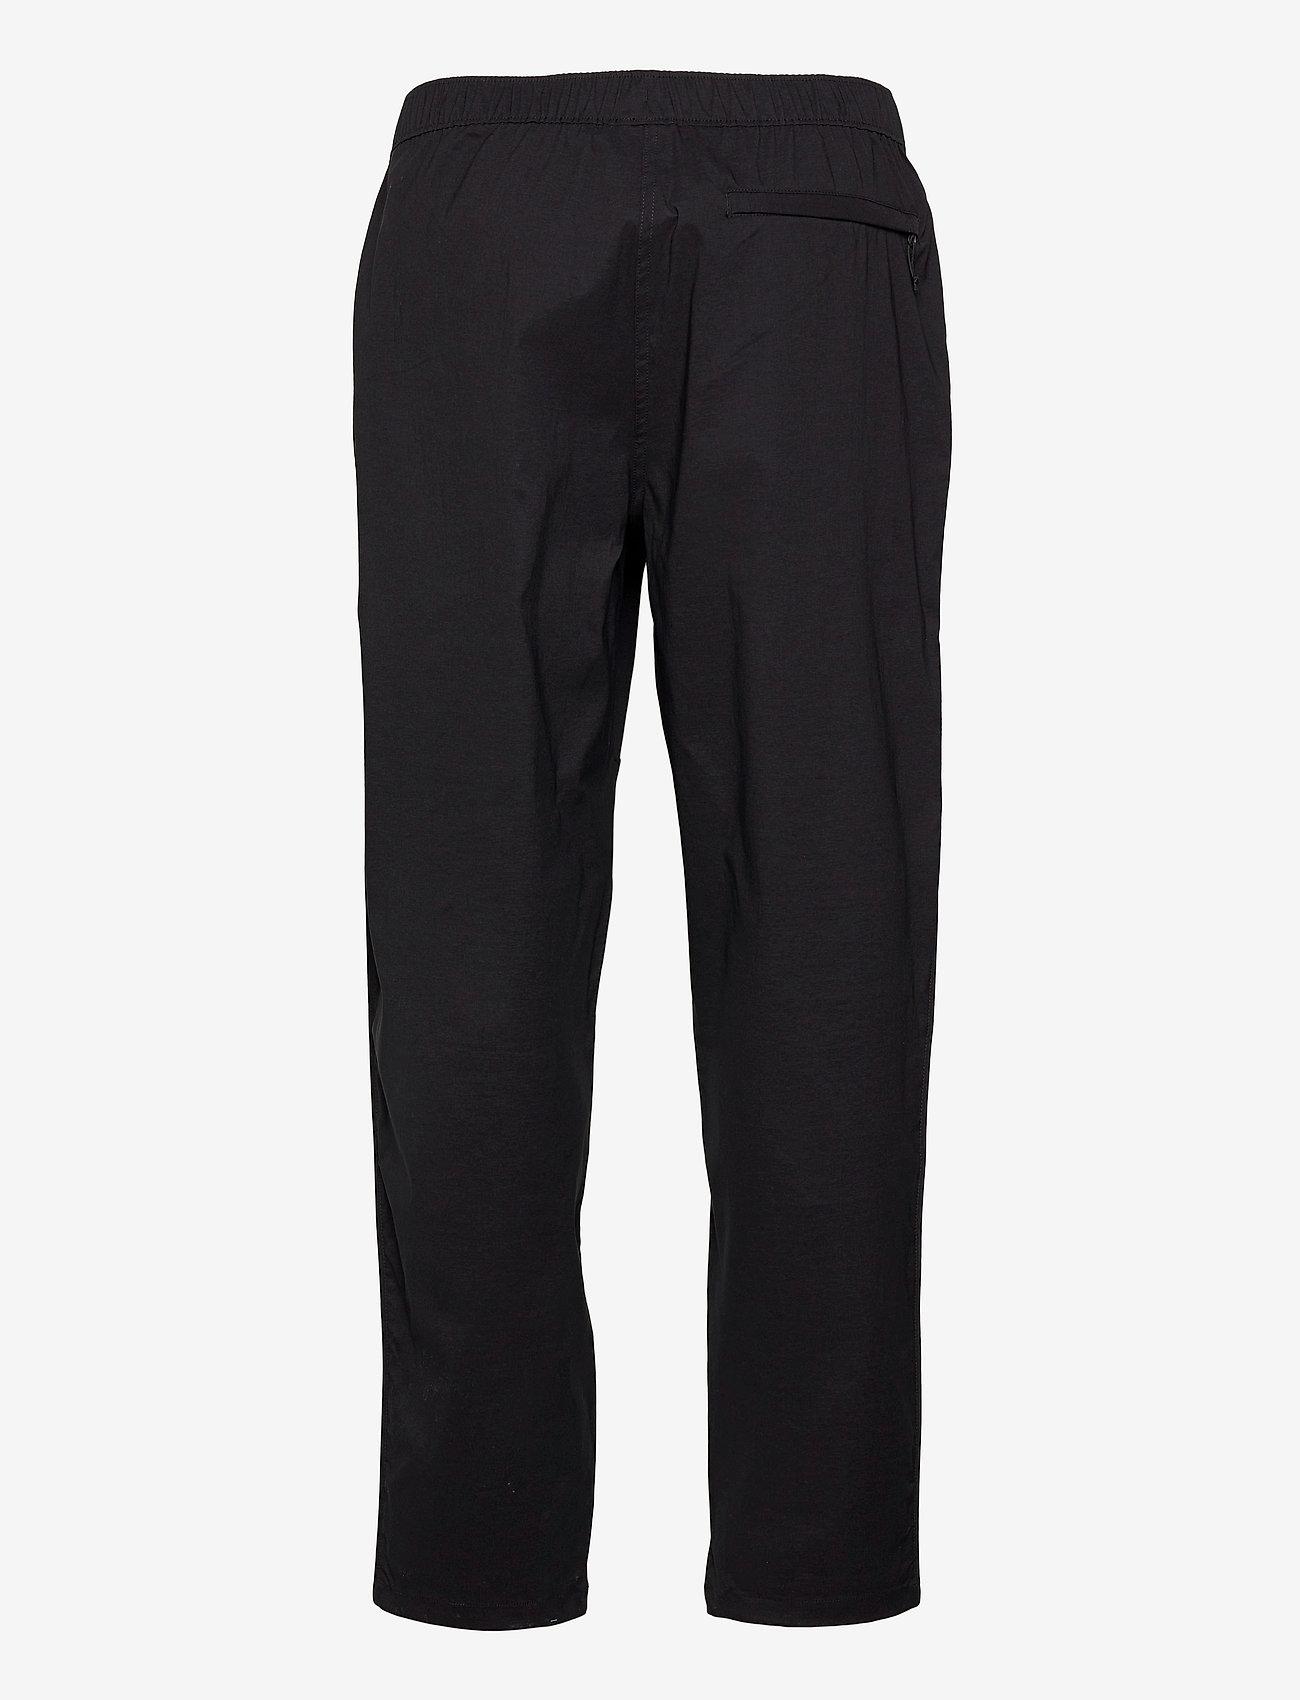 The North Face - M CLASS V PANT - pantalon de sport - tnf black - 1